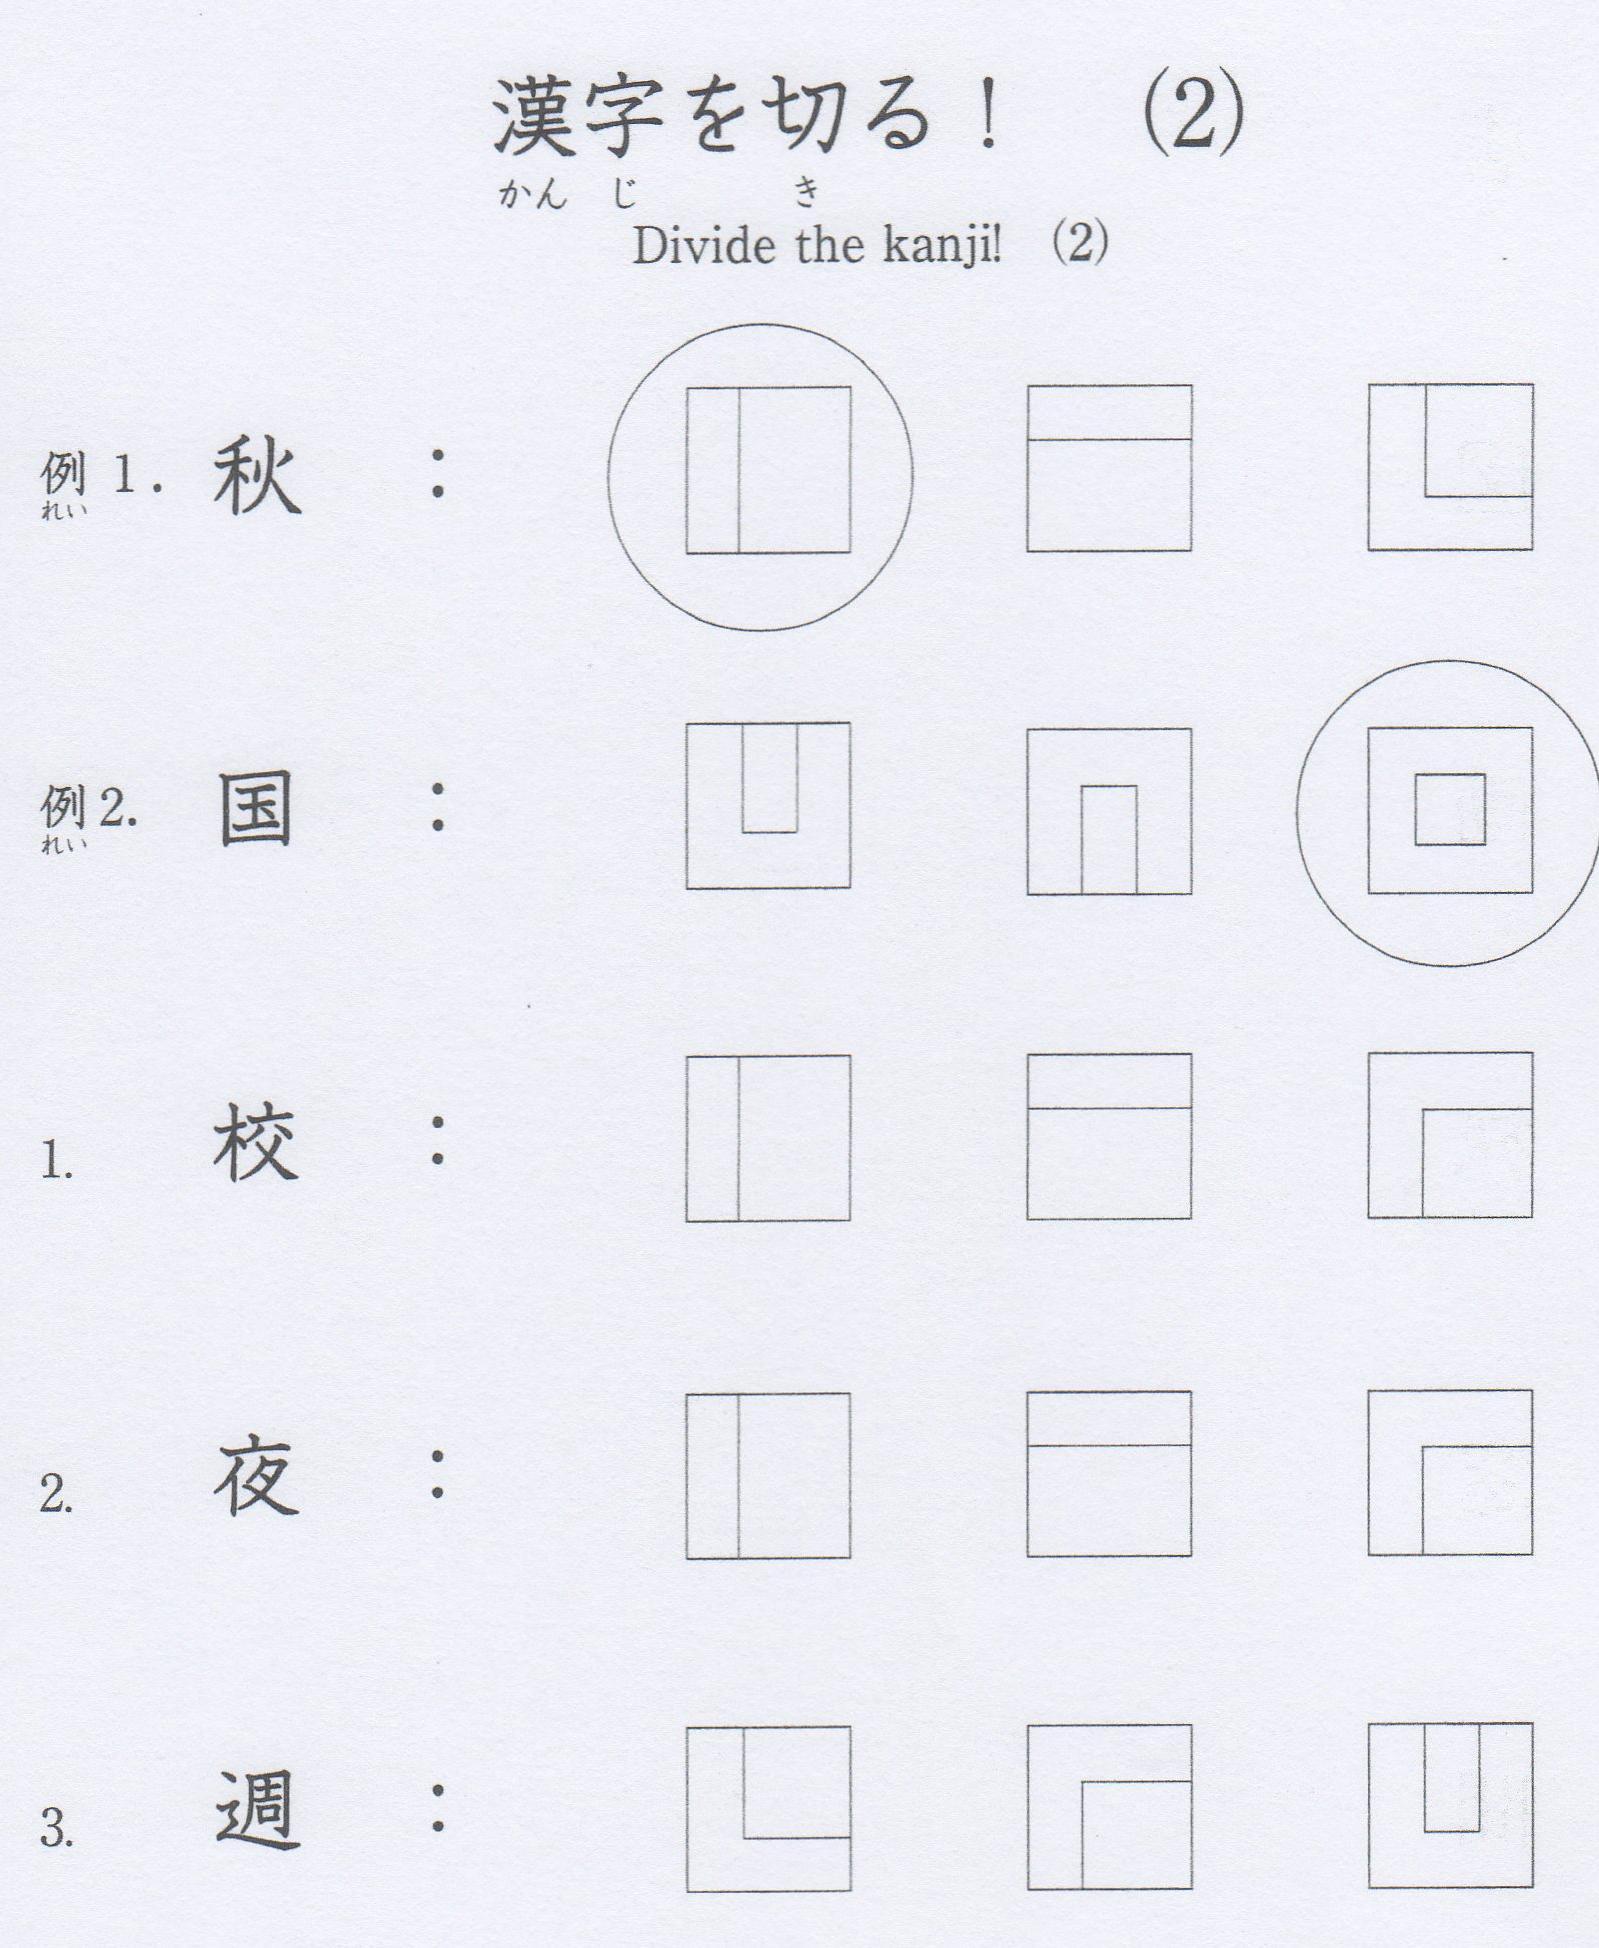 国際交流基金 日本語教育通信 日本語の教え方 イロハ 第13回